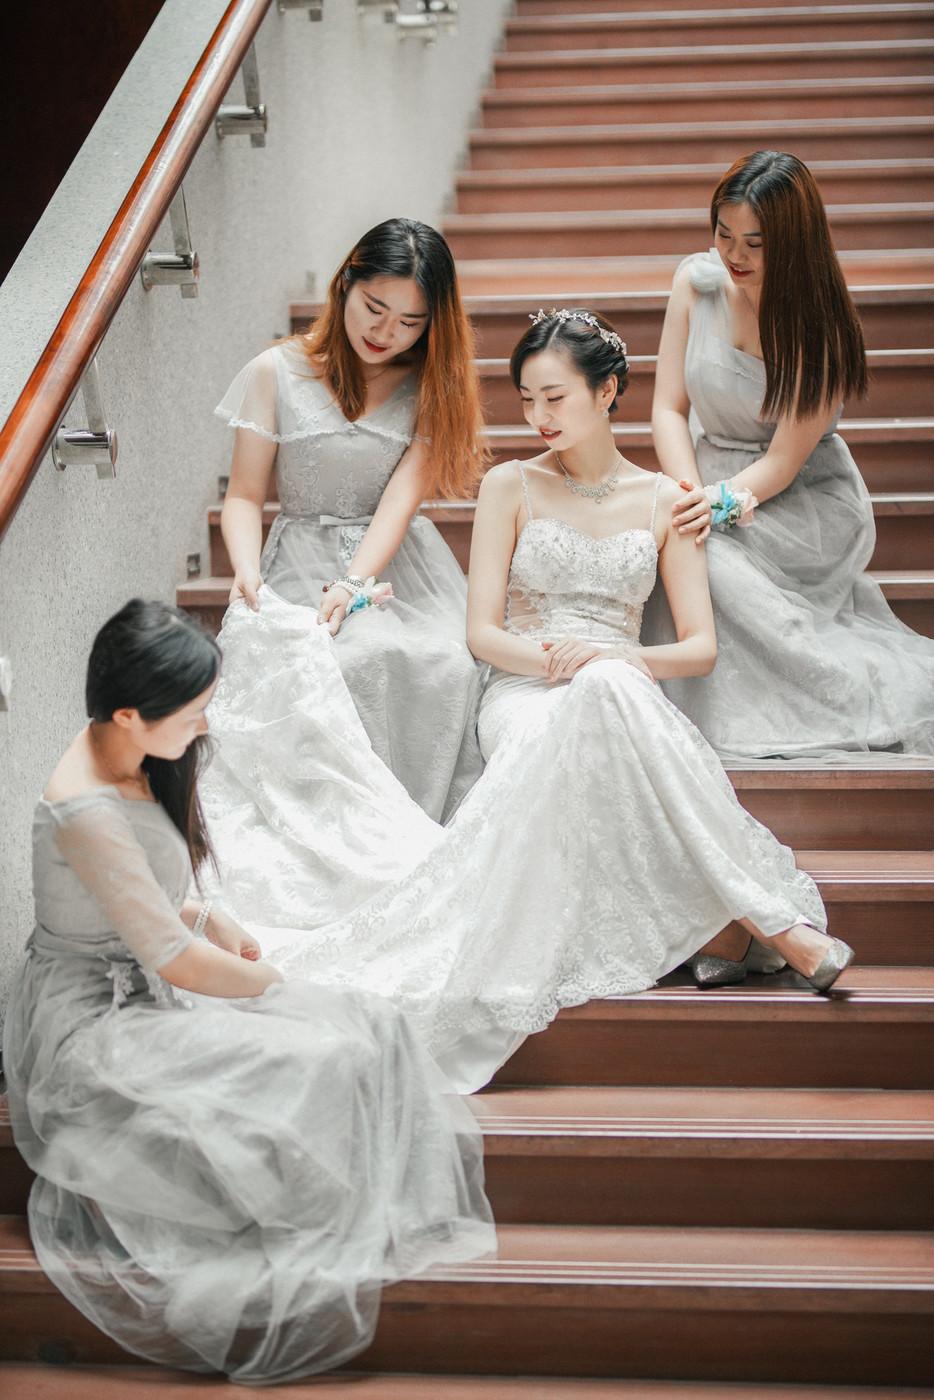 【KAI 婚礼纪实】P&S 南京婚礼37